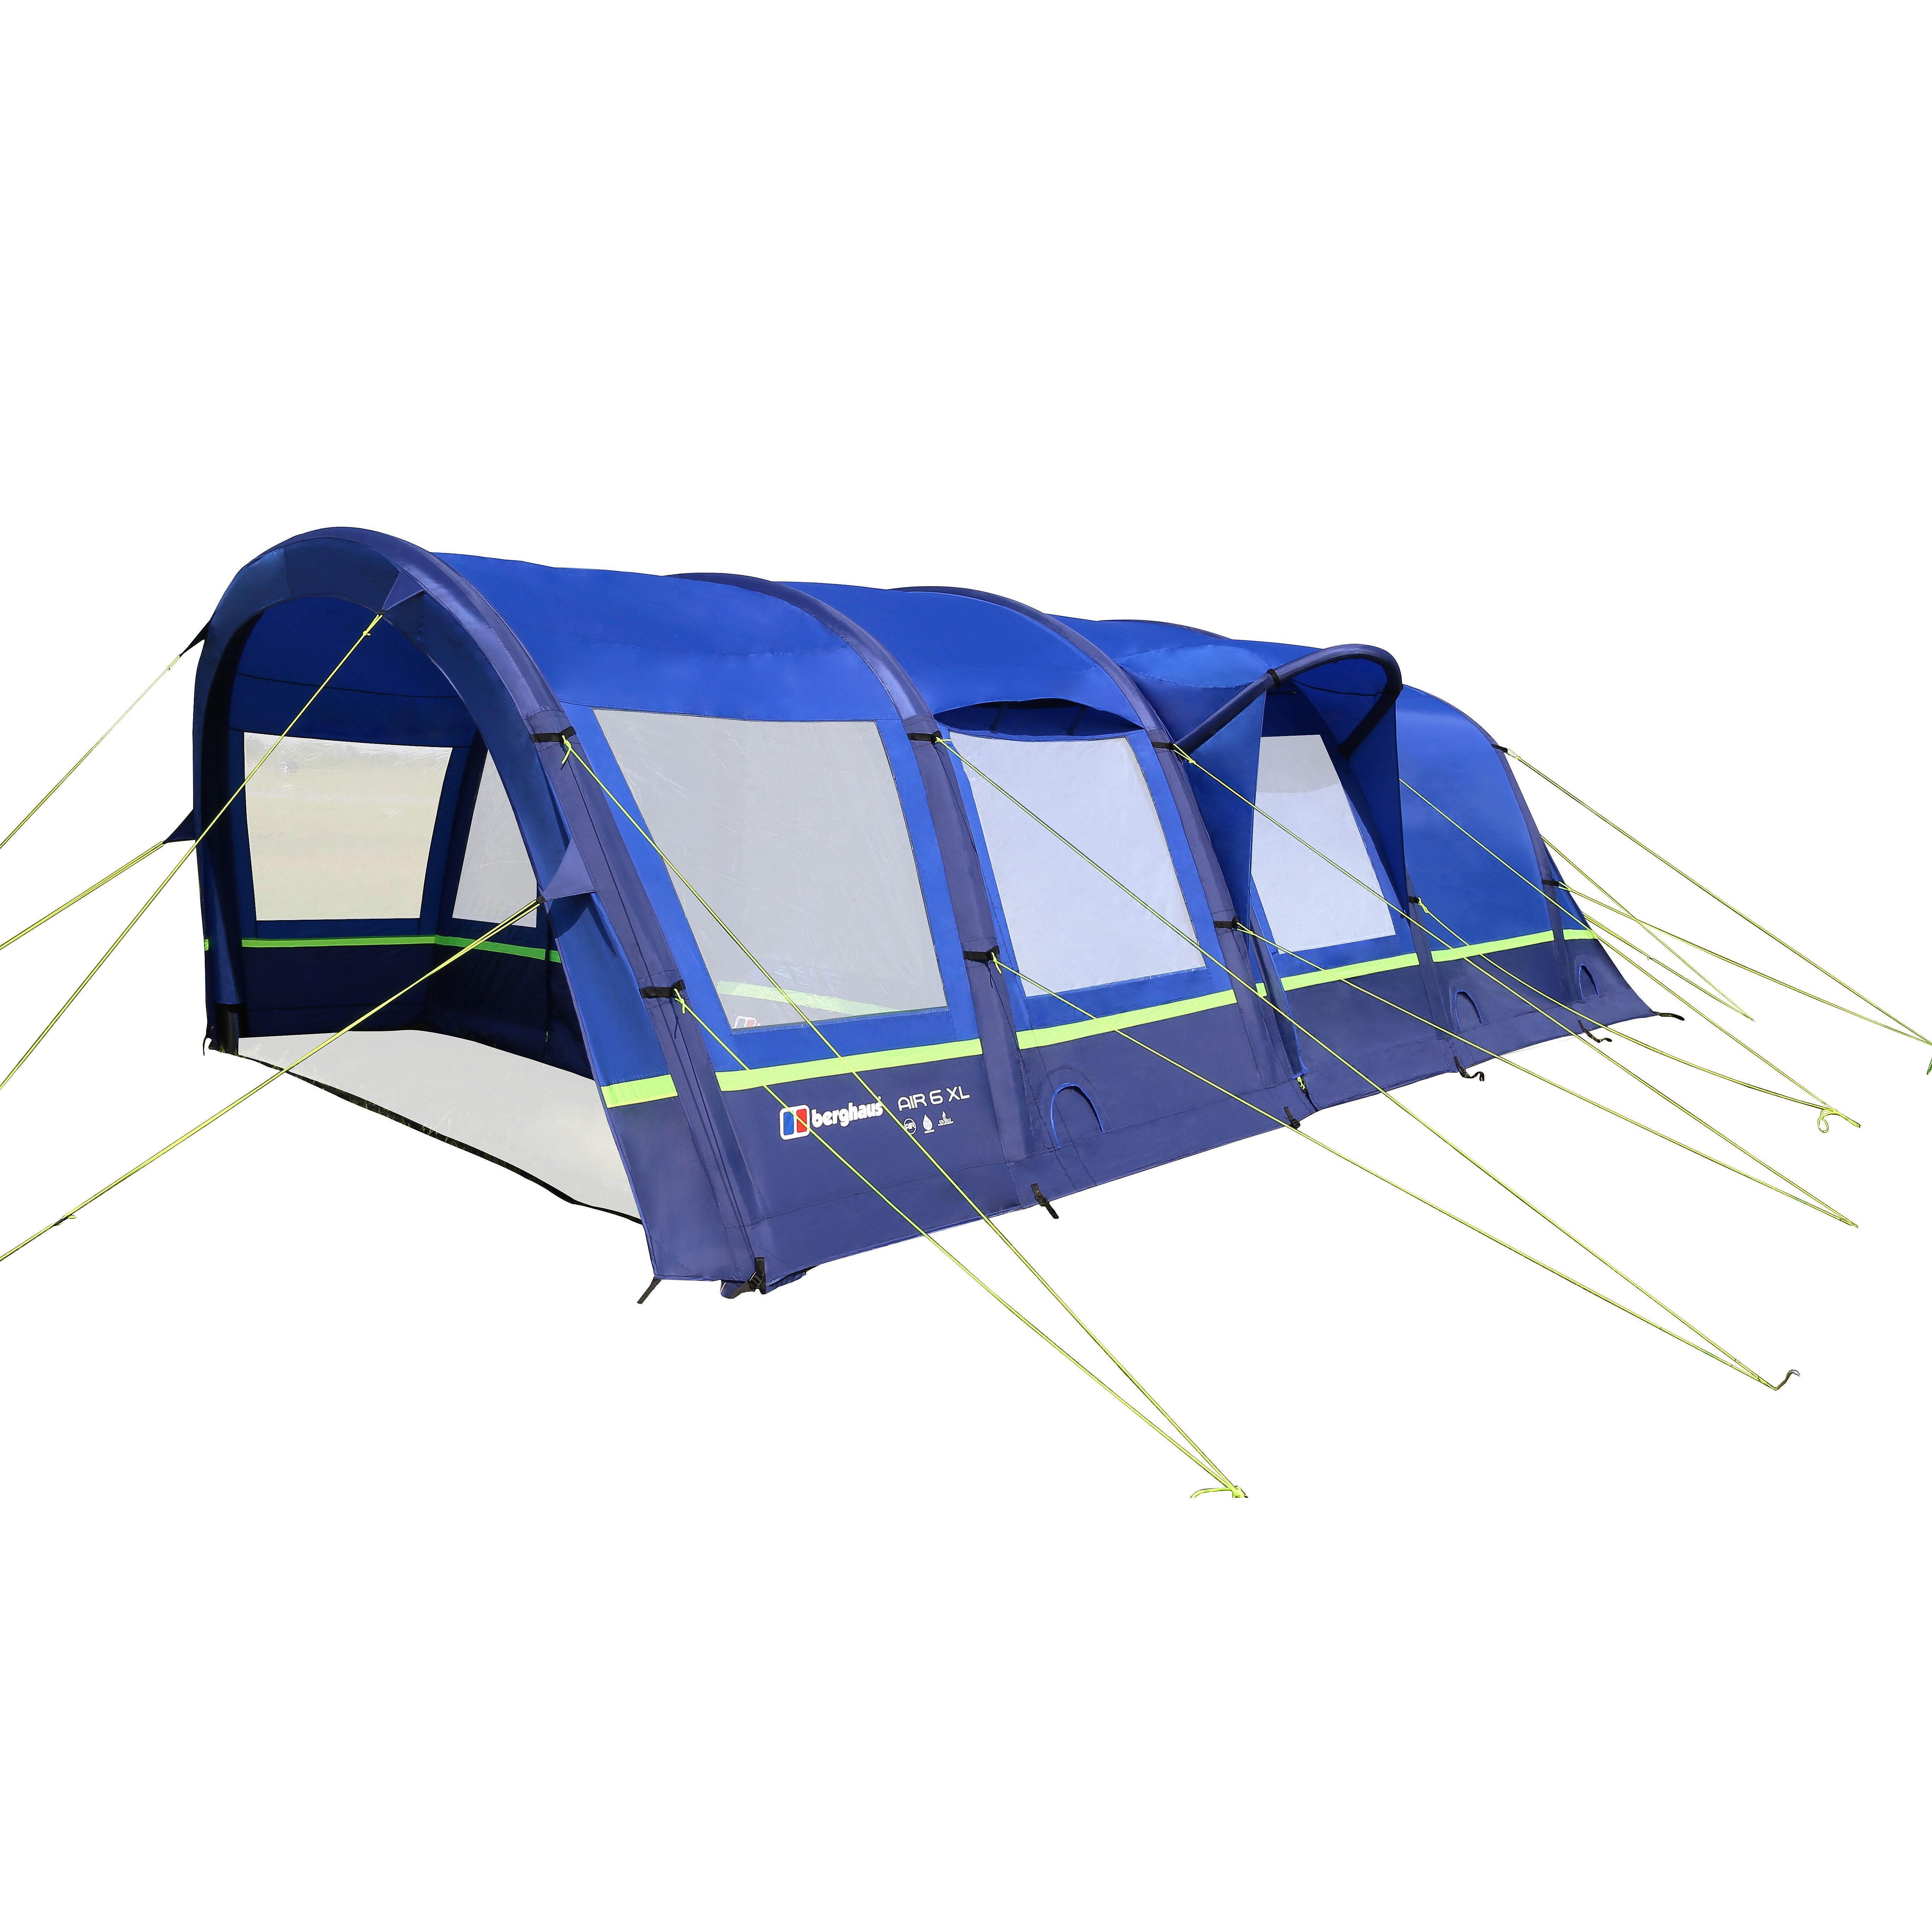 Berghaus Air 6 XL Air Tent